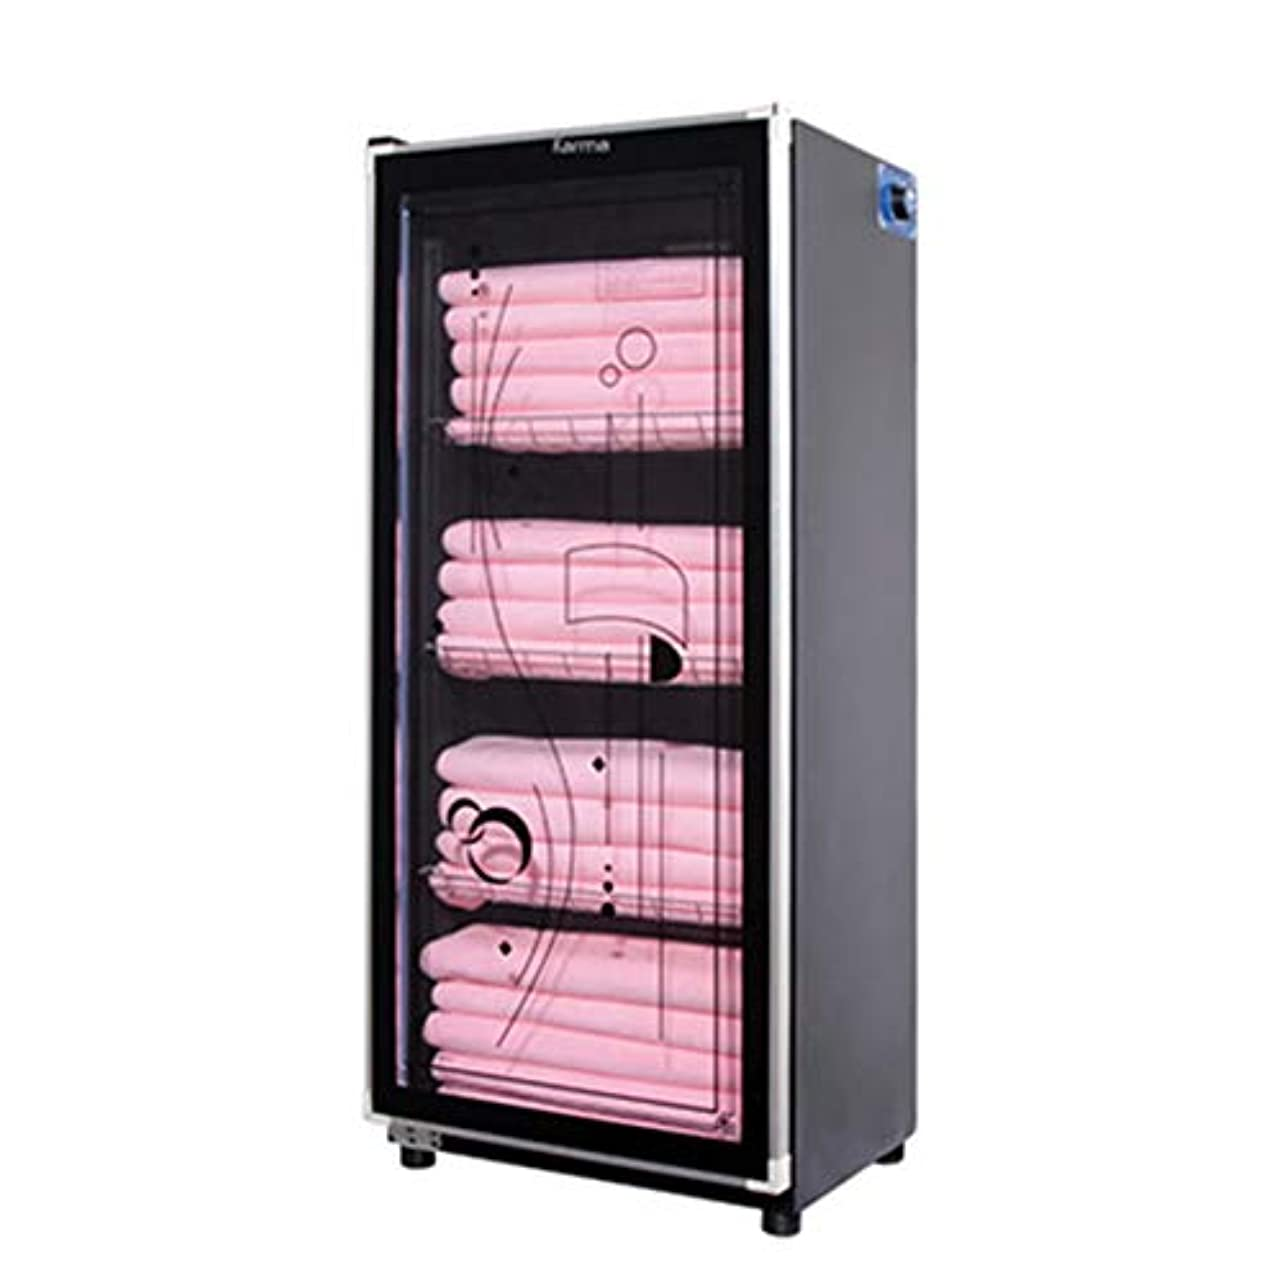 購入横たわるバーストプロフェッショナルタオルウォーマーキャビネット、UVオゾン滅菌器3 in 1、SPA用、ヘアビューティー、サロン、ホーム、タイミング消毒(158L / 188L)